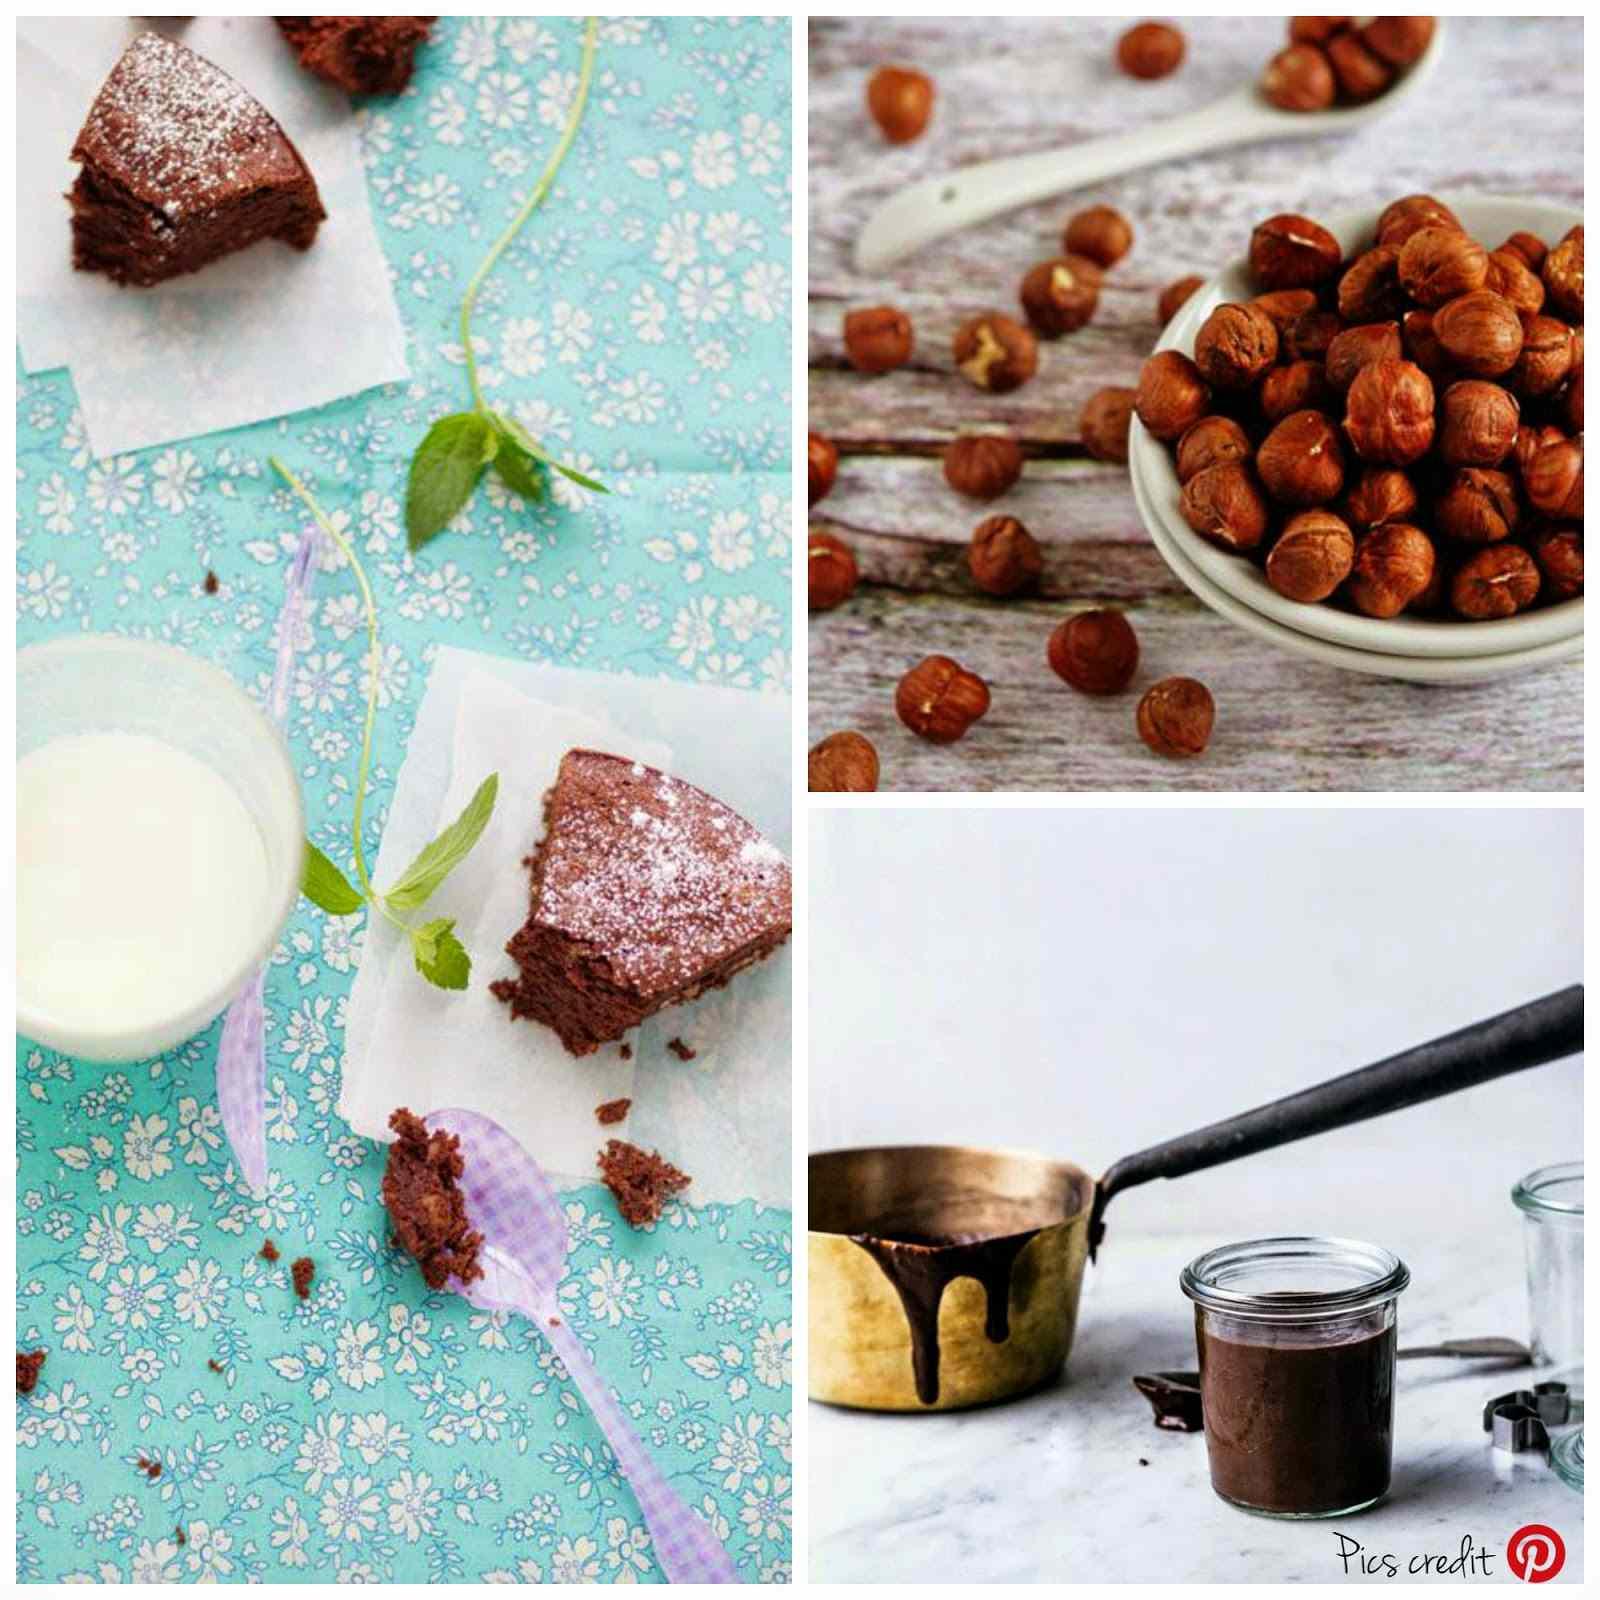 Ricetta: Torta cioccolato e nocciole senza burro / no butter ccocolate and hazelnuts cake